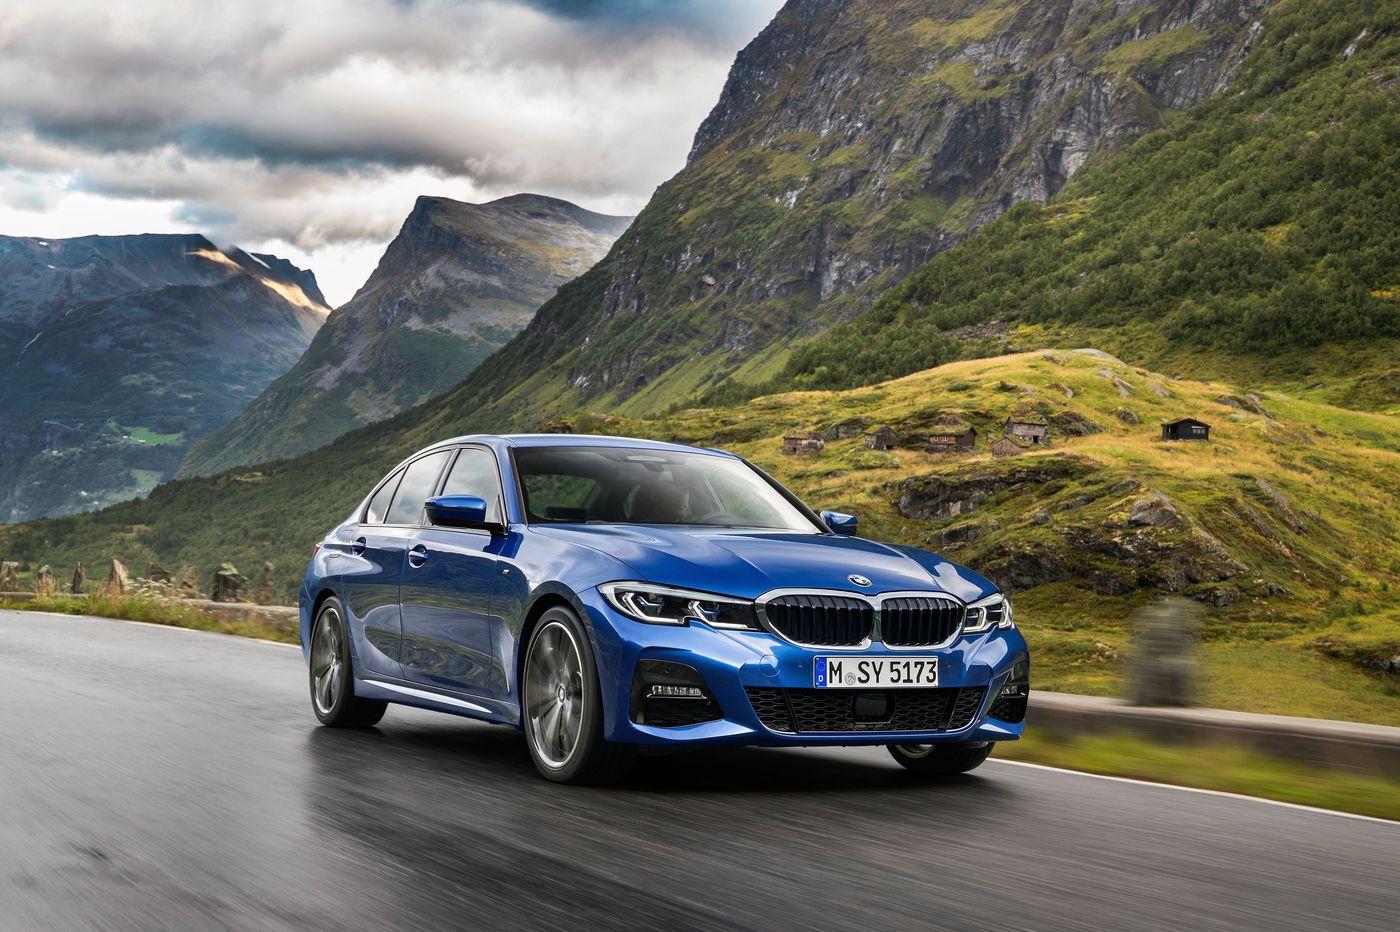 BMW takes 2020 3 Series sedan to the Mth extreme